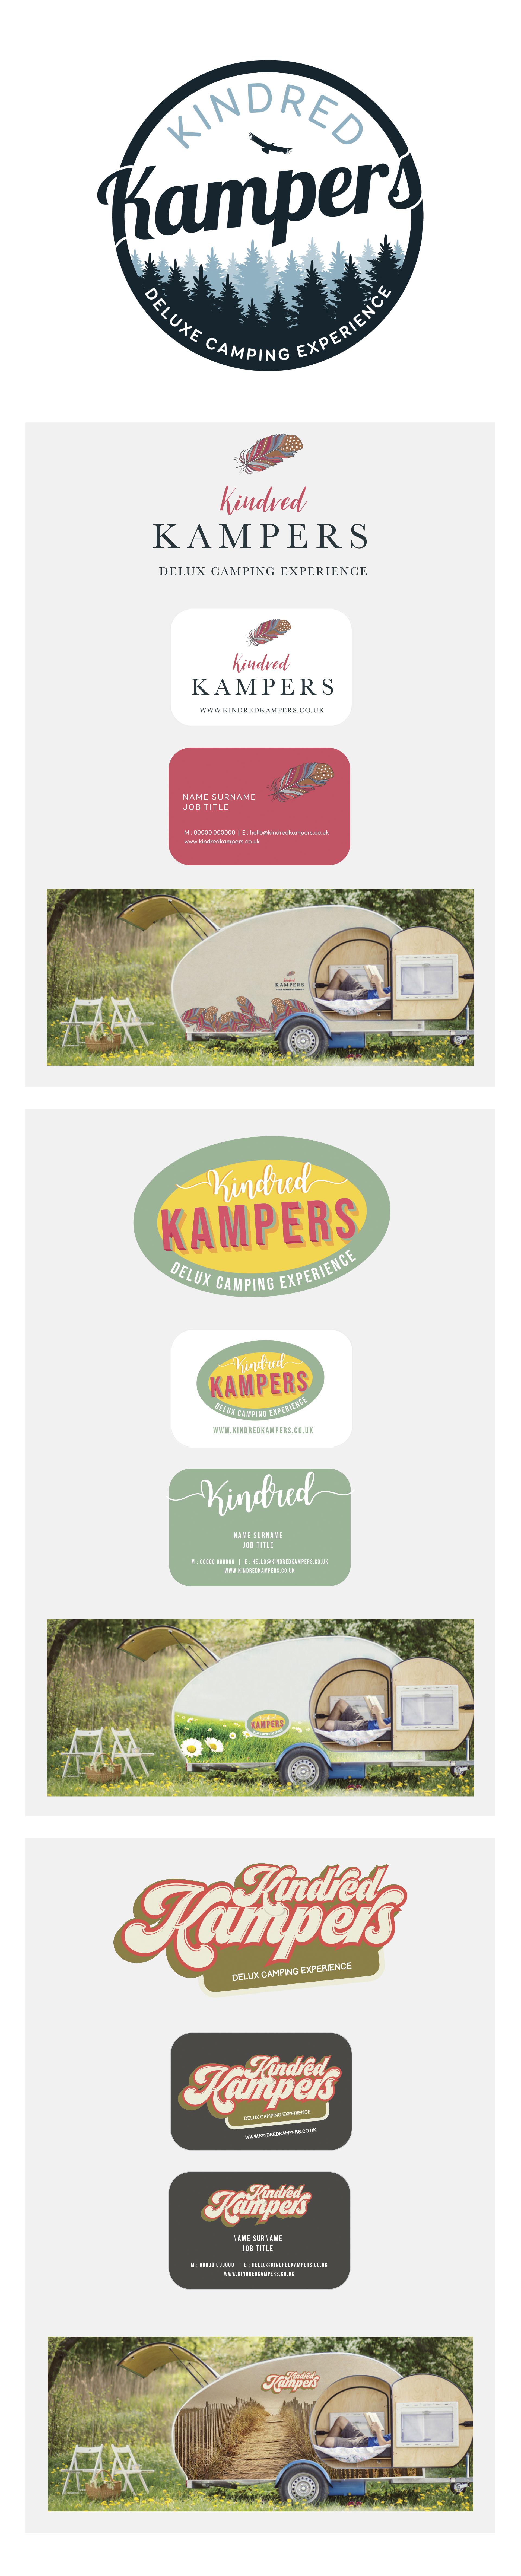 Kindred Kampers